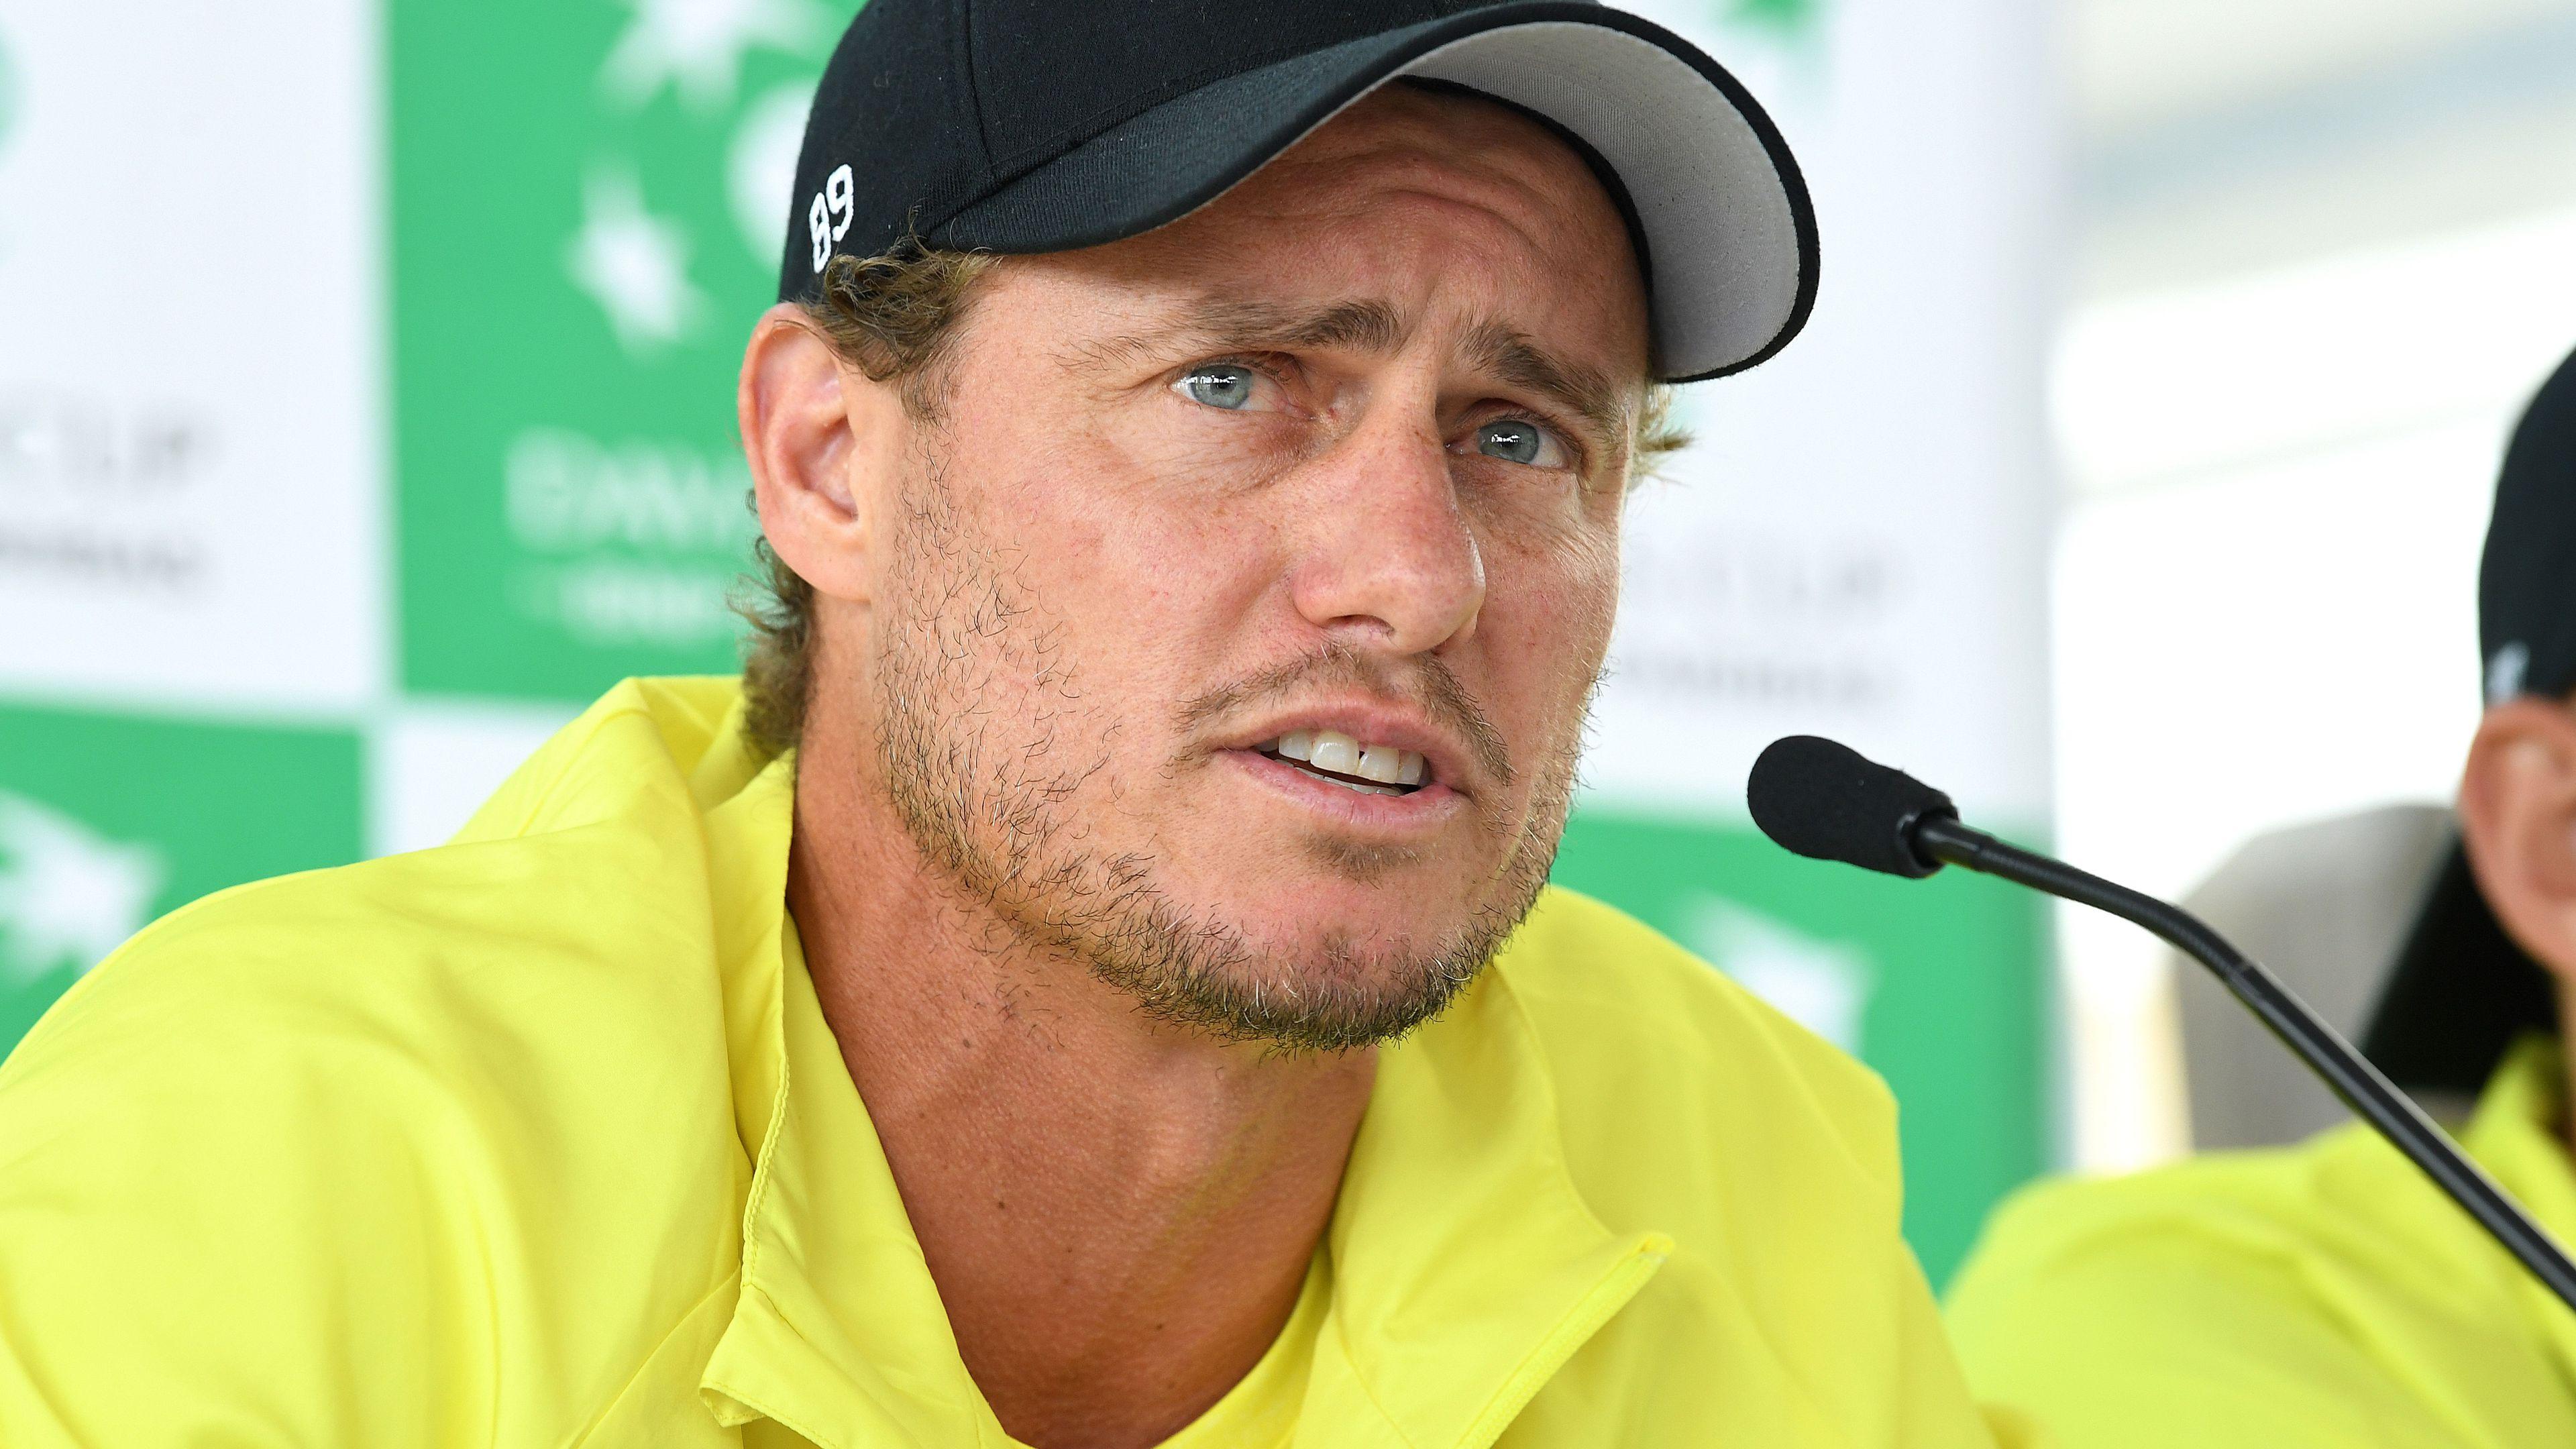 Lleyton Hewitt signs for Australian Open as Wide World of Sports locks in bumper 2019